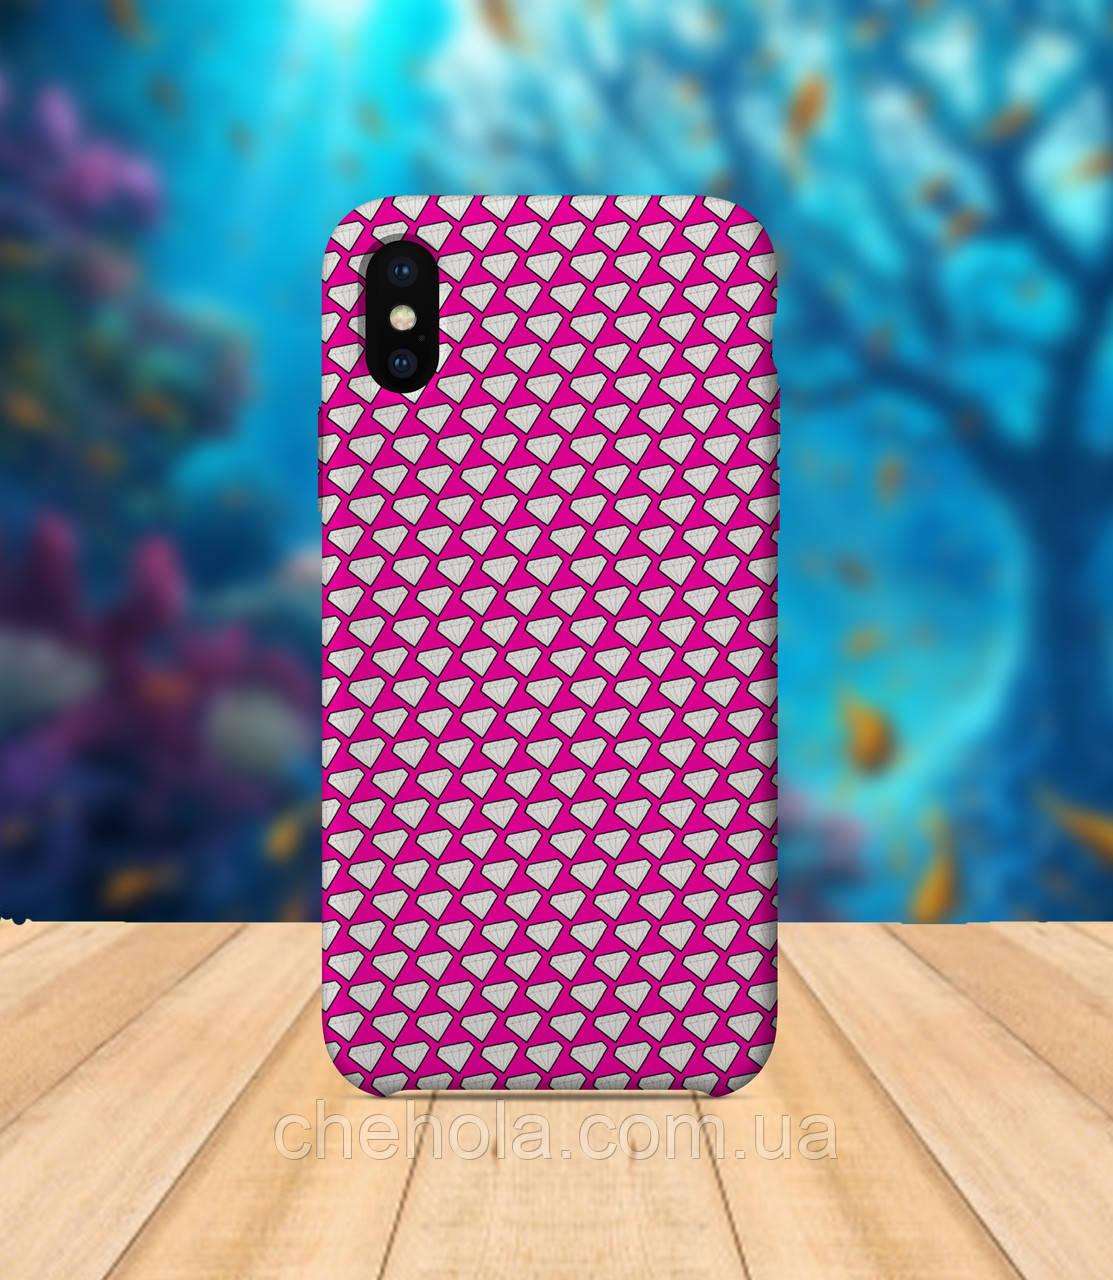 Чехол для apple iphone x XS max Бриллиант чехол с принтом